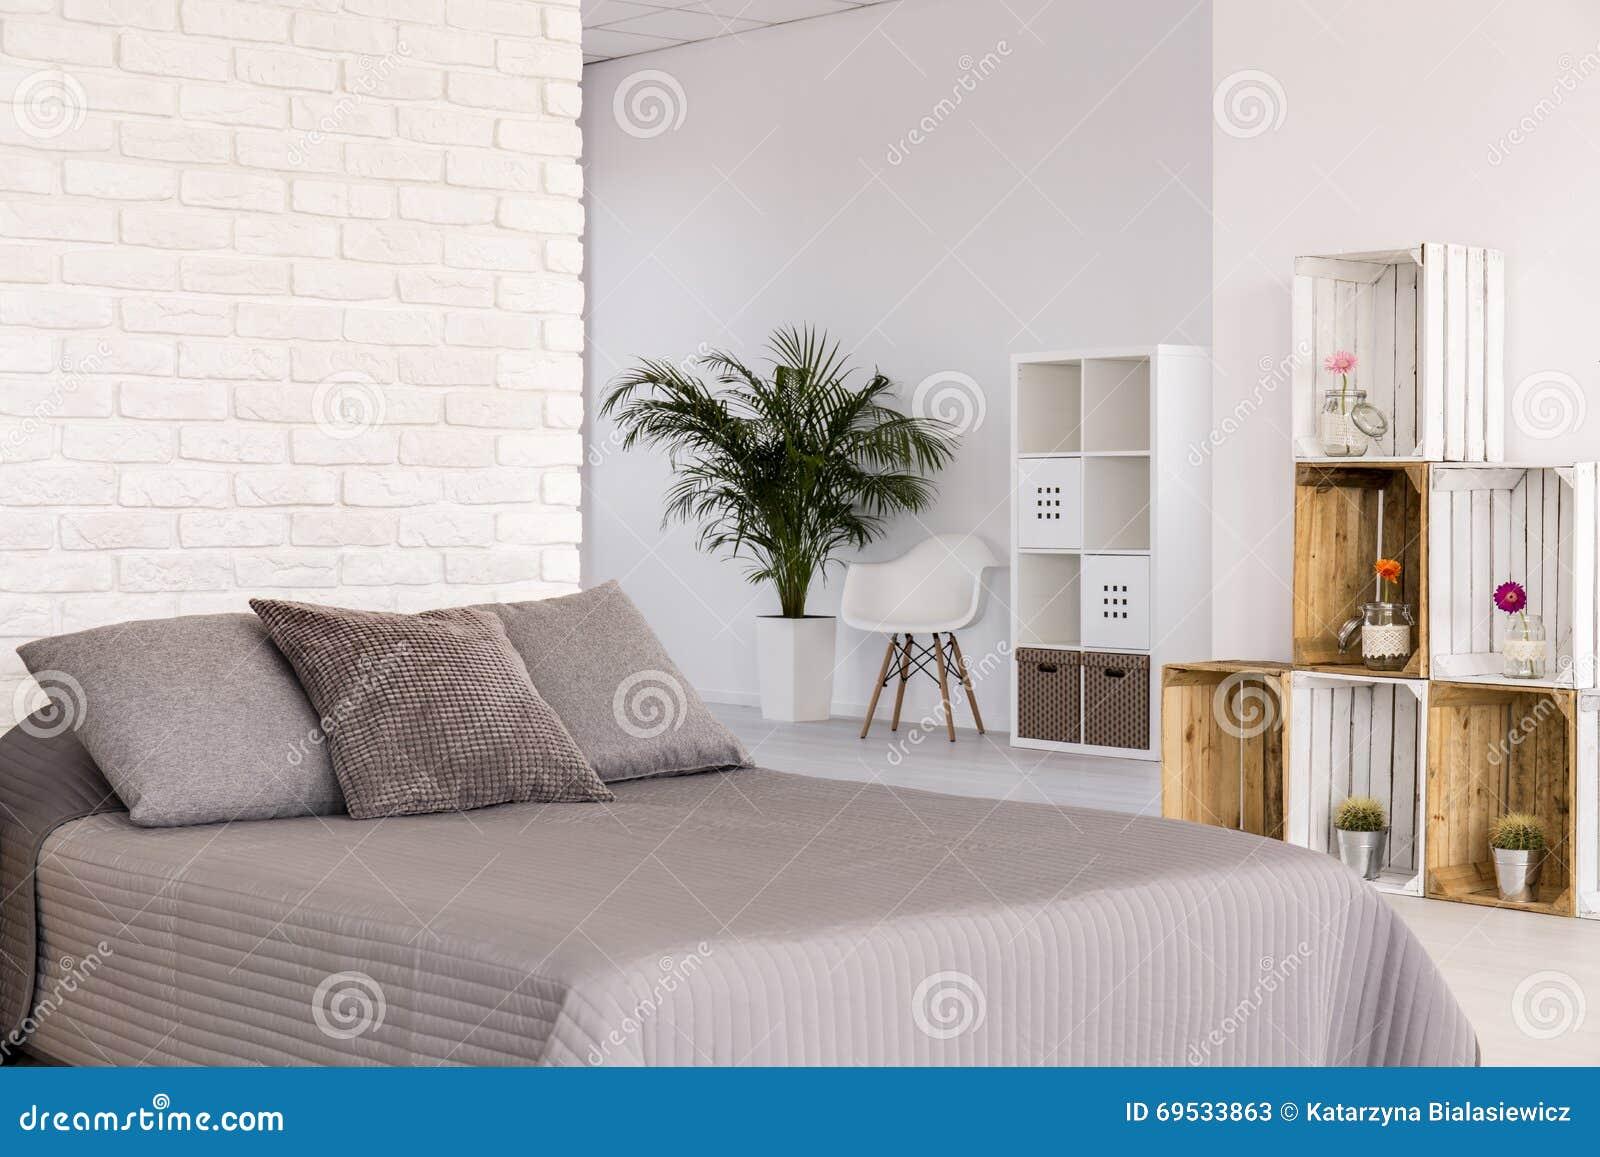 Light Bedroom In Scandinavian Style